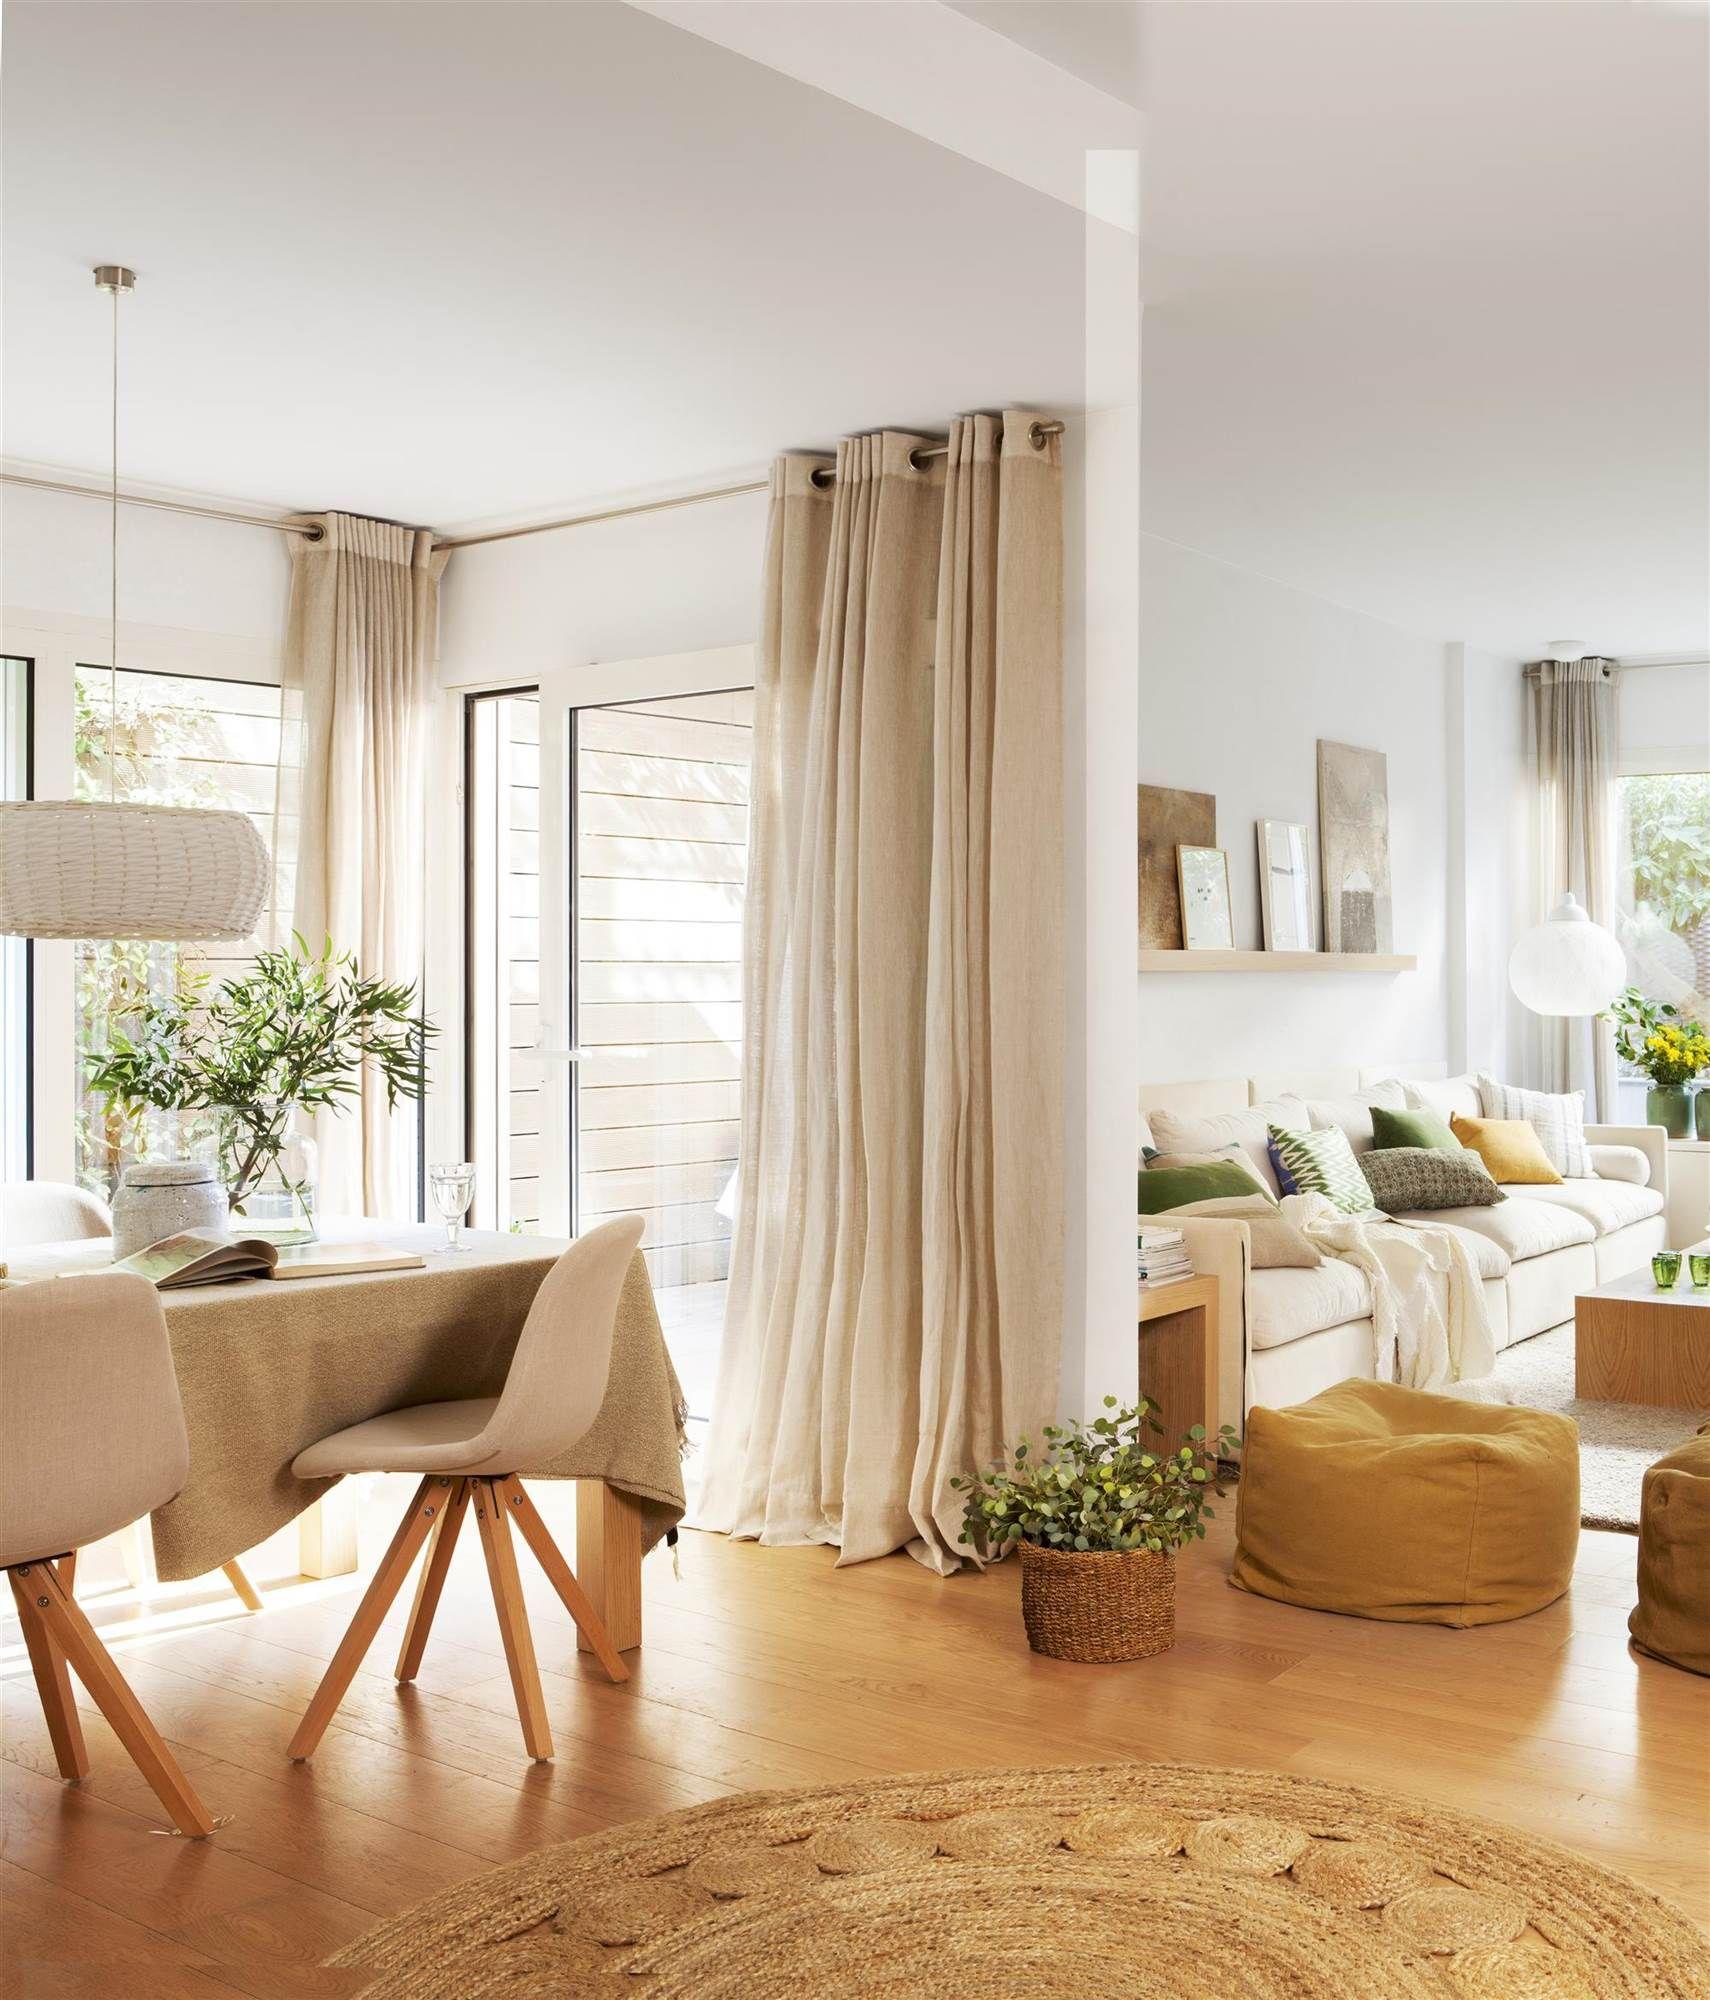 Zona de paso en 2019 decoracion pinterest - Cortinas comedor modernas ...